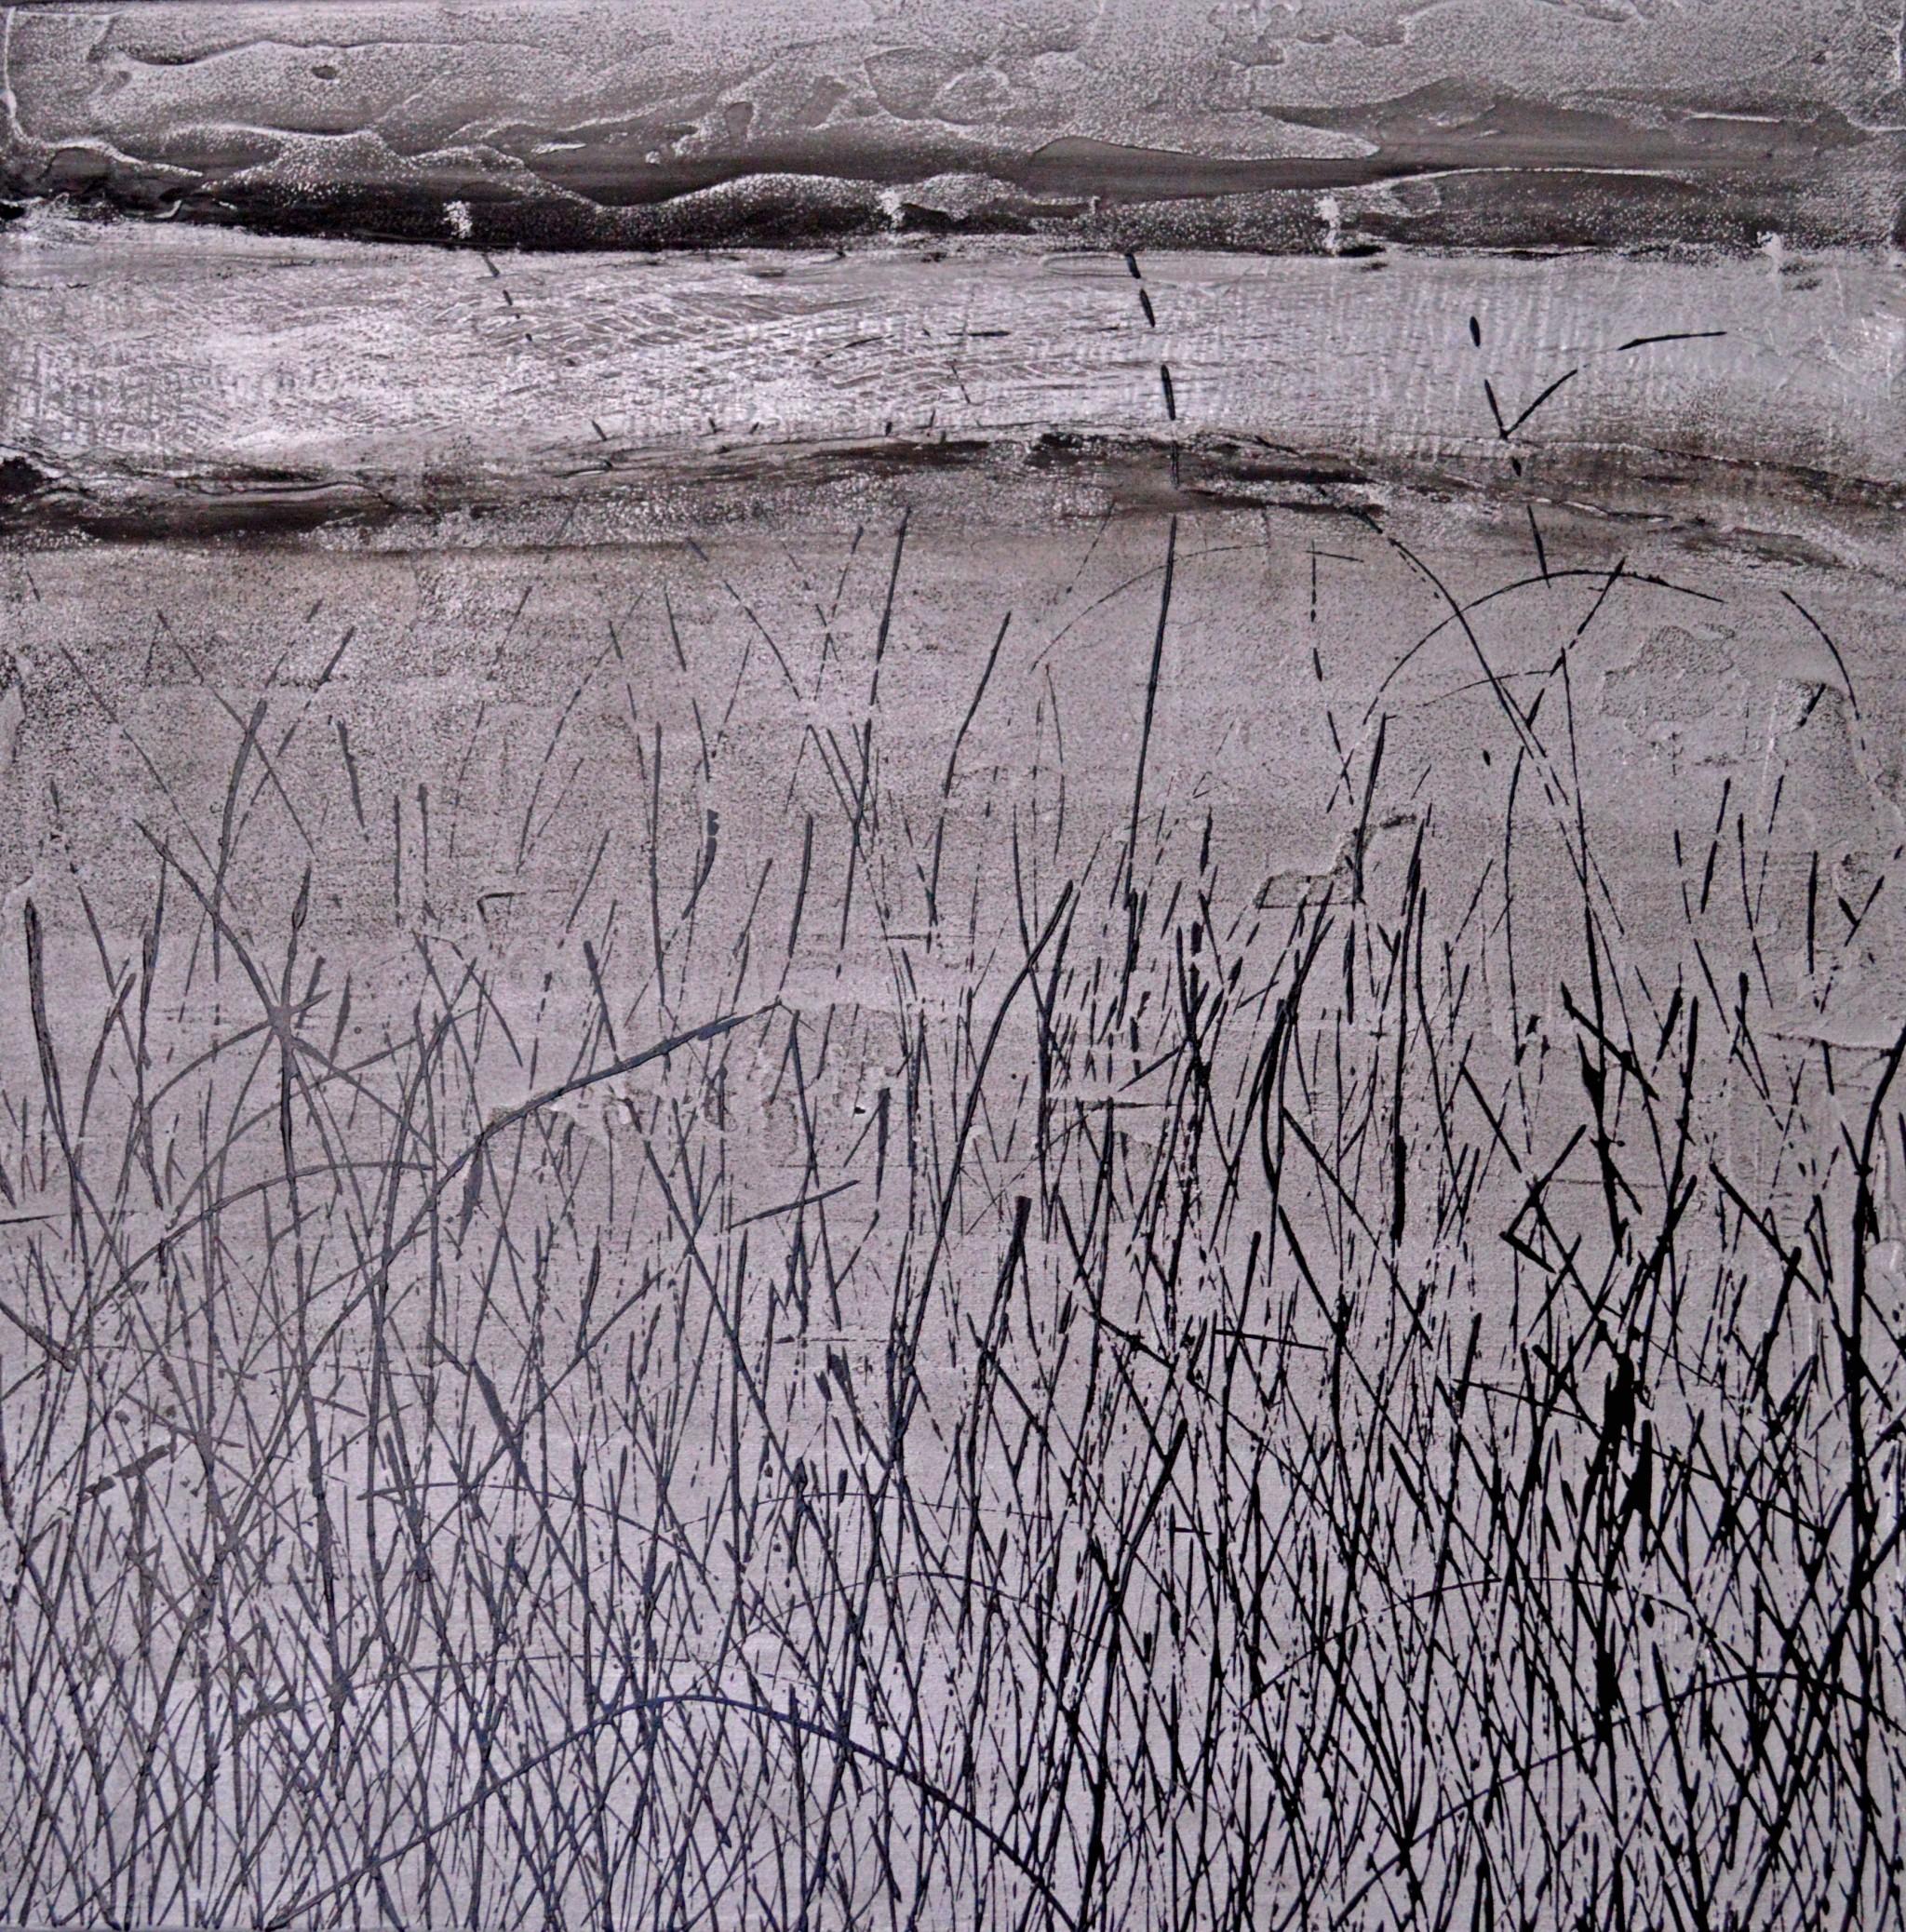 Öl/Lack/Strukturpaste/Rinde/Leinwand, 50 x 50 cm